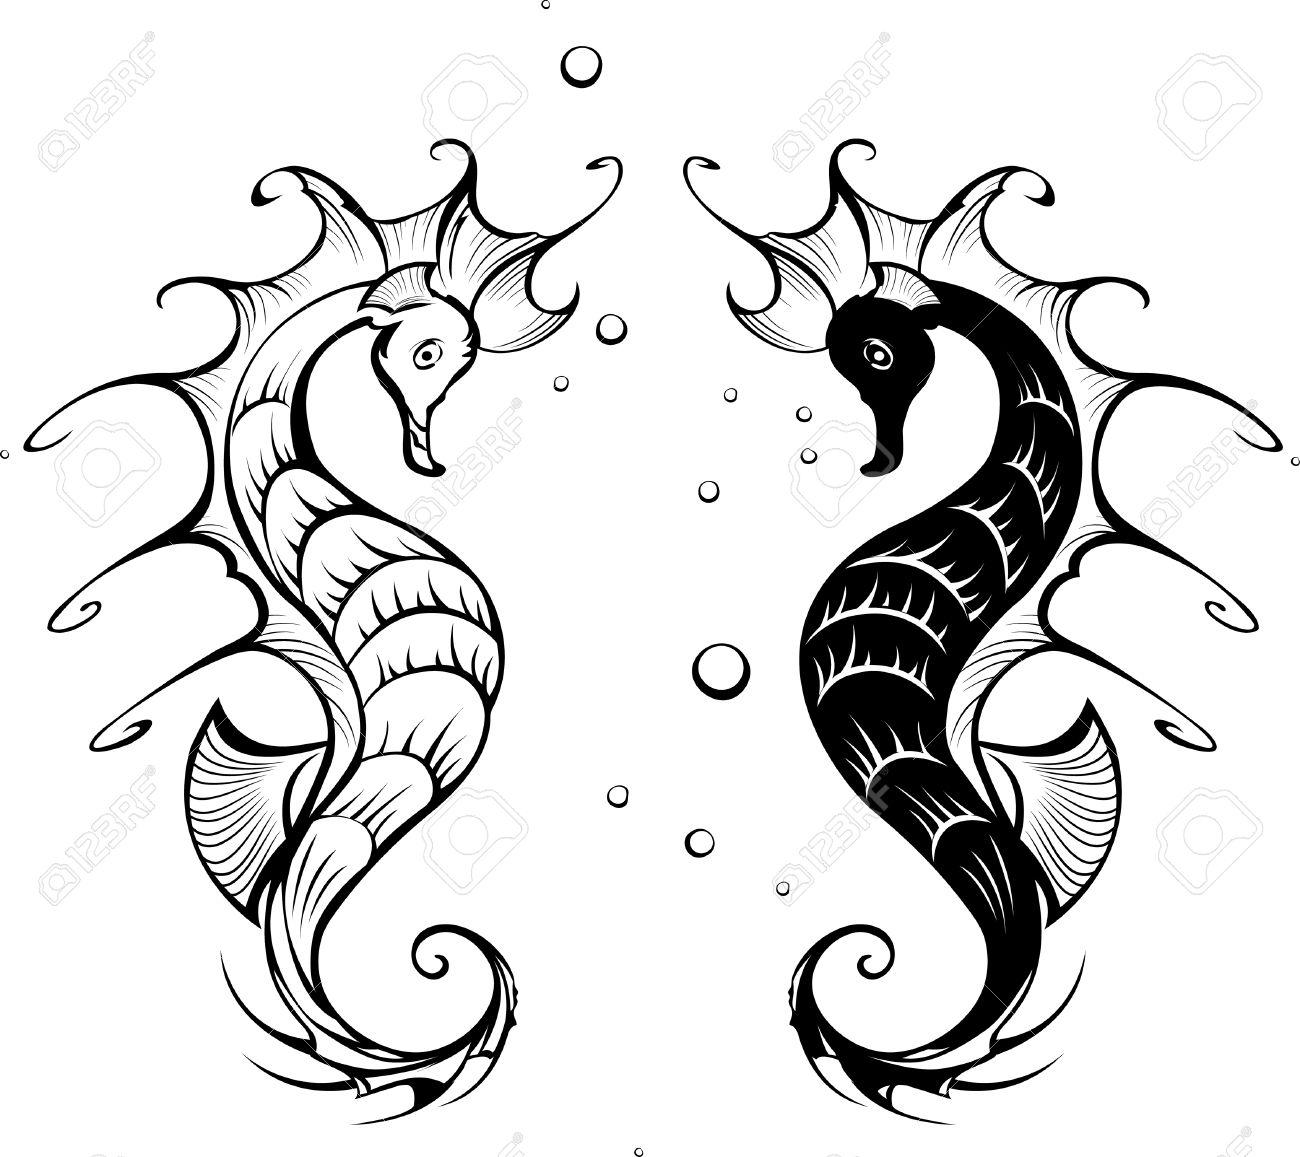 Fantastisch Seepferdchen Färbung Seite Ideen - Malvorlagen Ideen ...